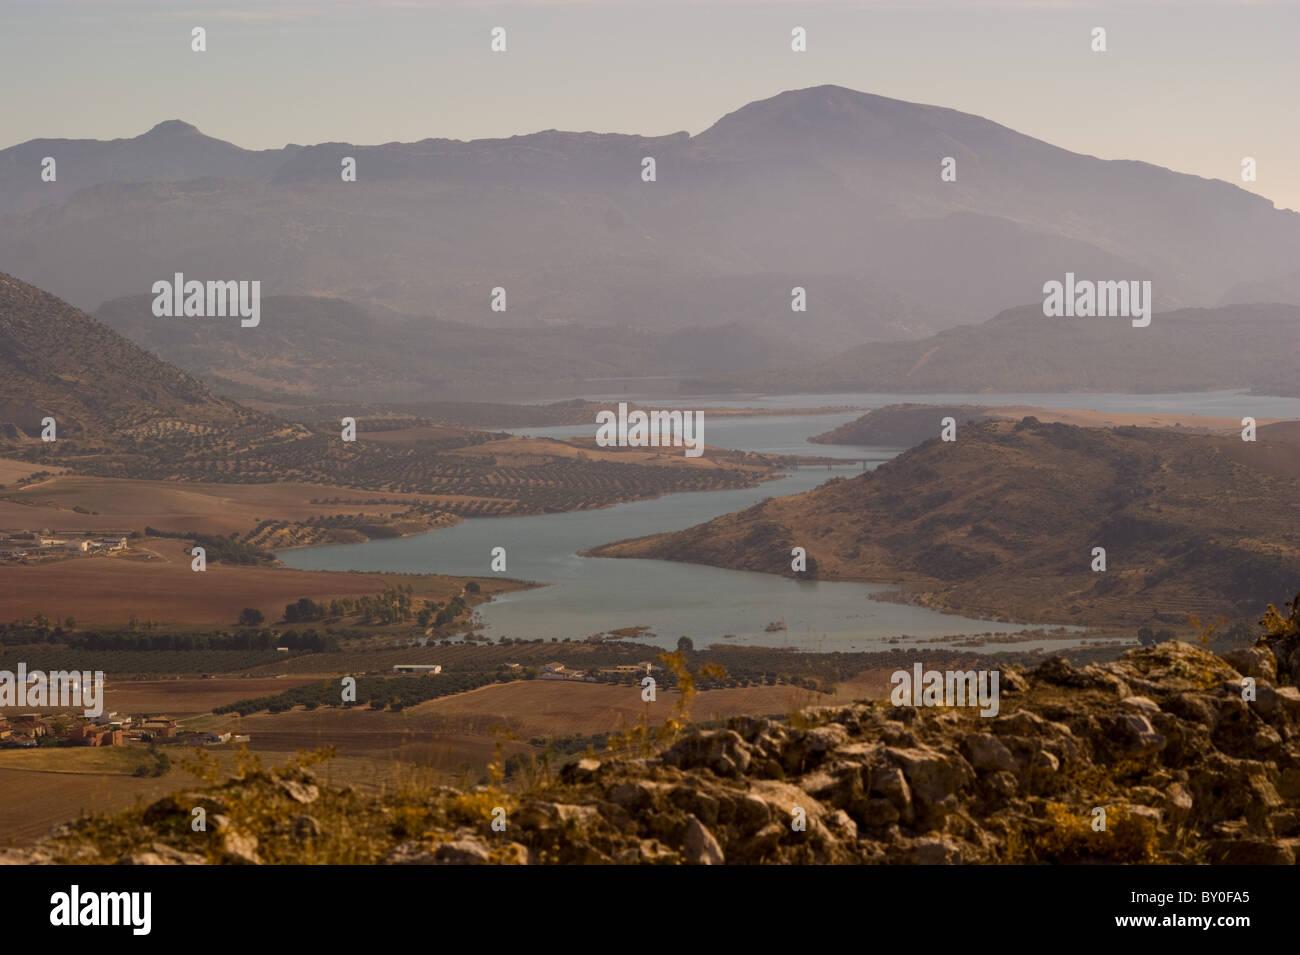 Vista dal castello di Teba Andalusia Malaga provincia SPAGNA Immagini Stock